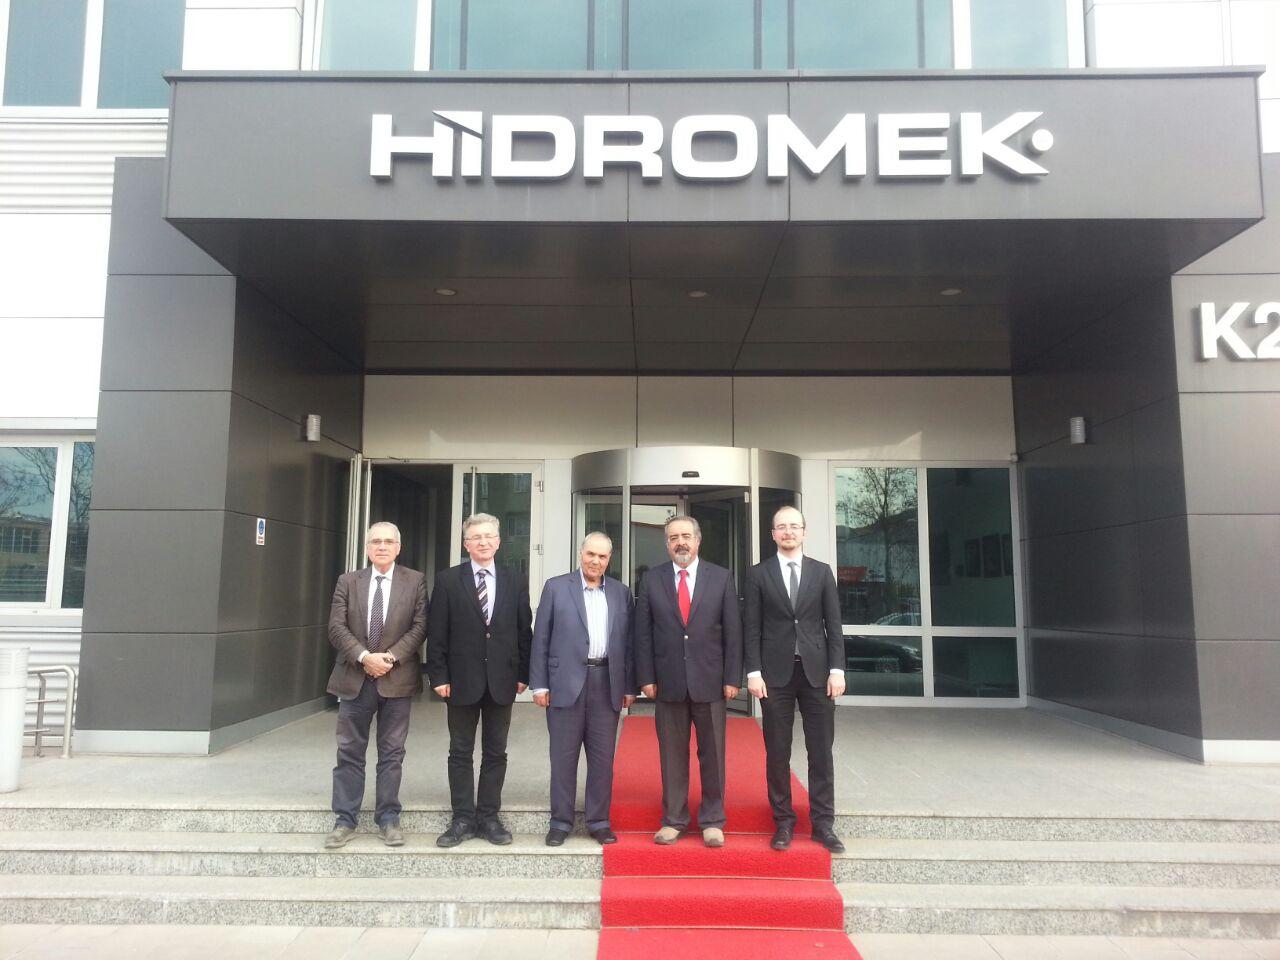 Çankaya Üniversitesi Hidromek Ziyareti 8 Mart 2017 Tarihinde Gerçekleşti!